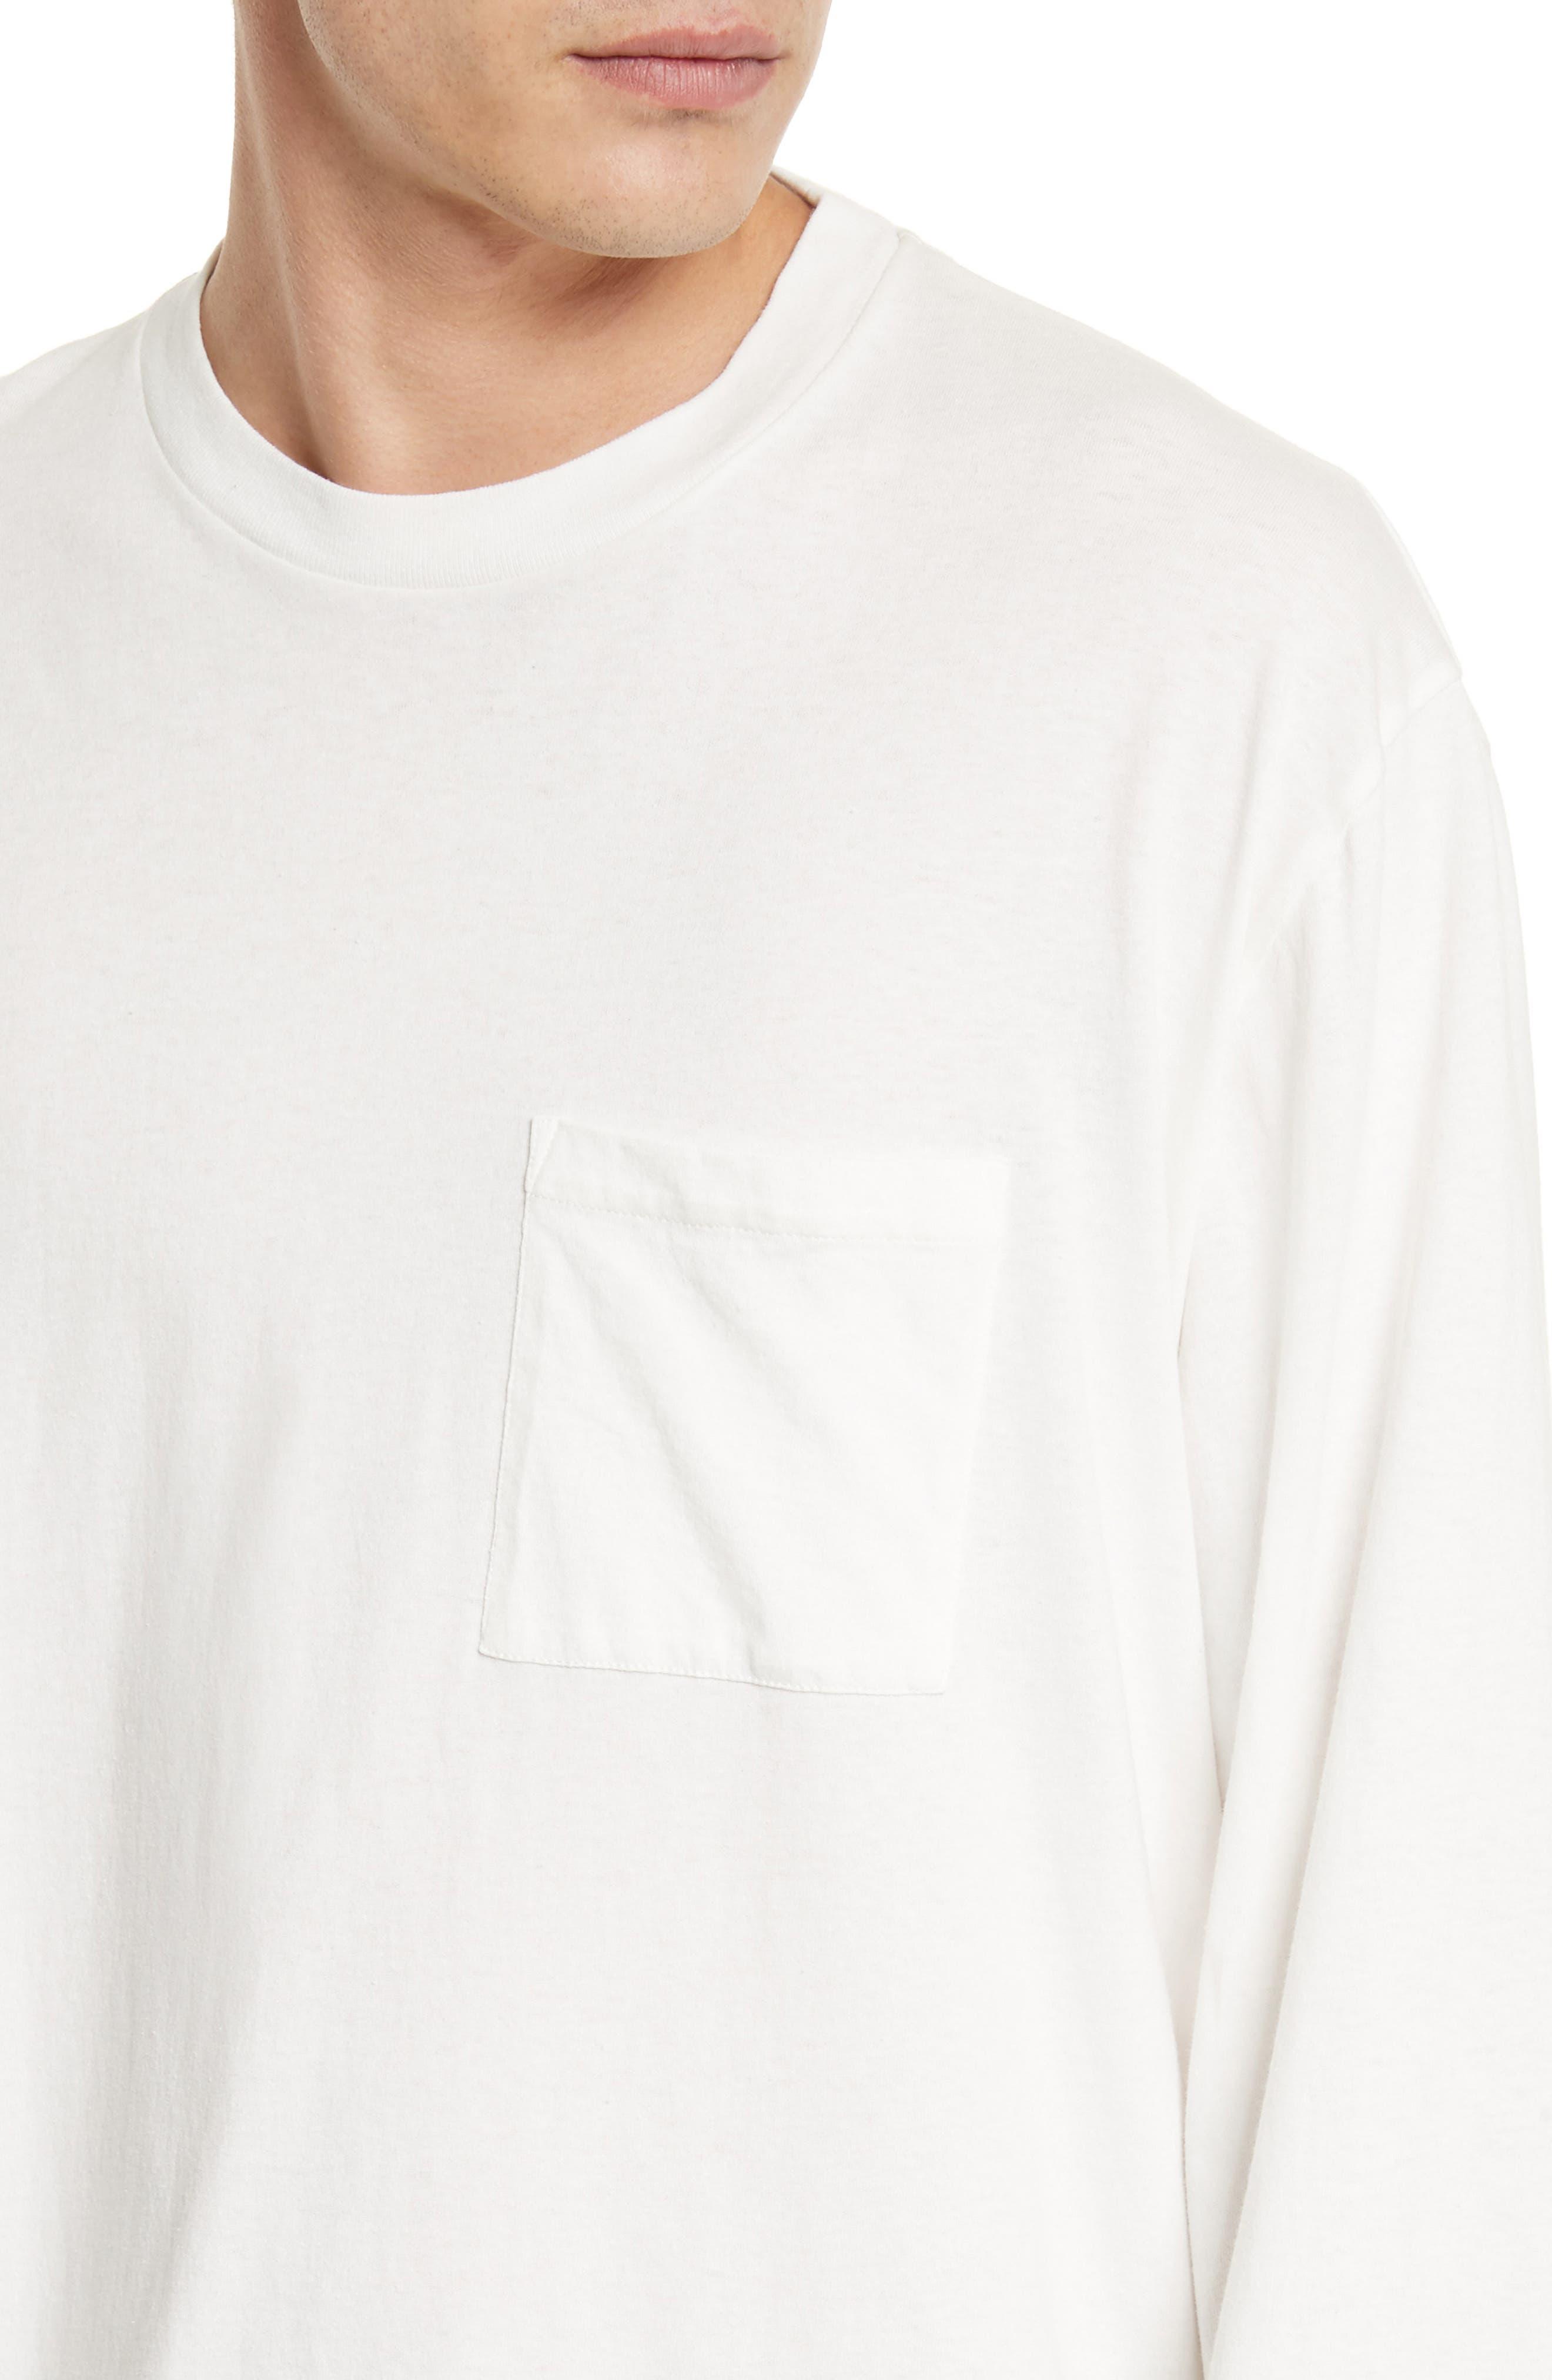 Box Fit Pocket T-Shirt,                             Alternate thumbnail 4, color,                             WHITE